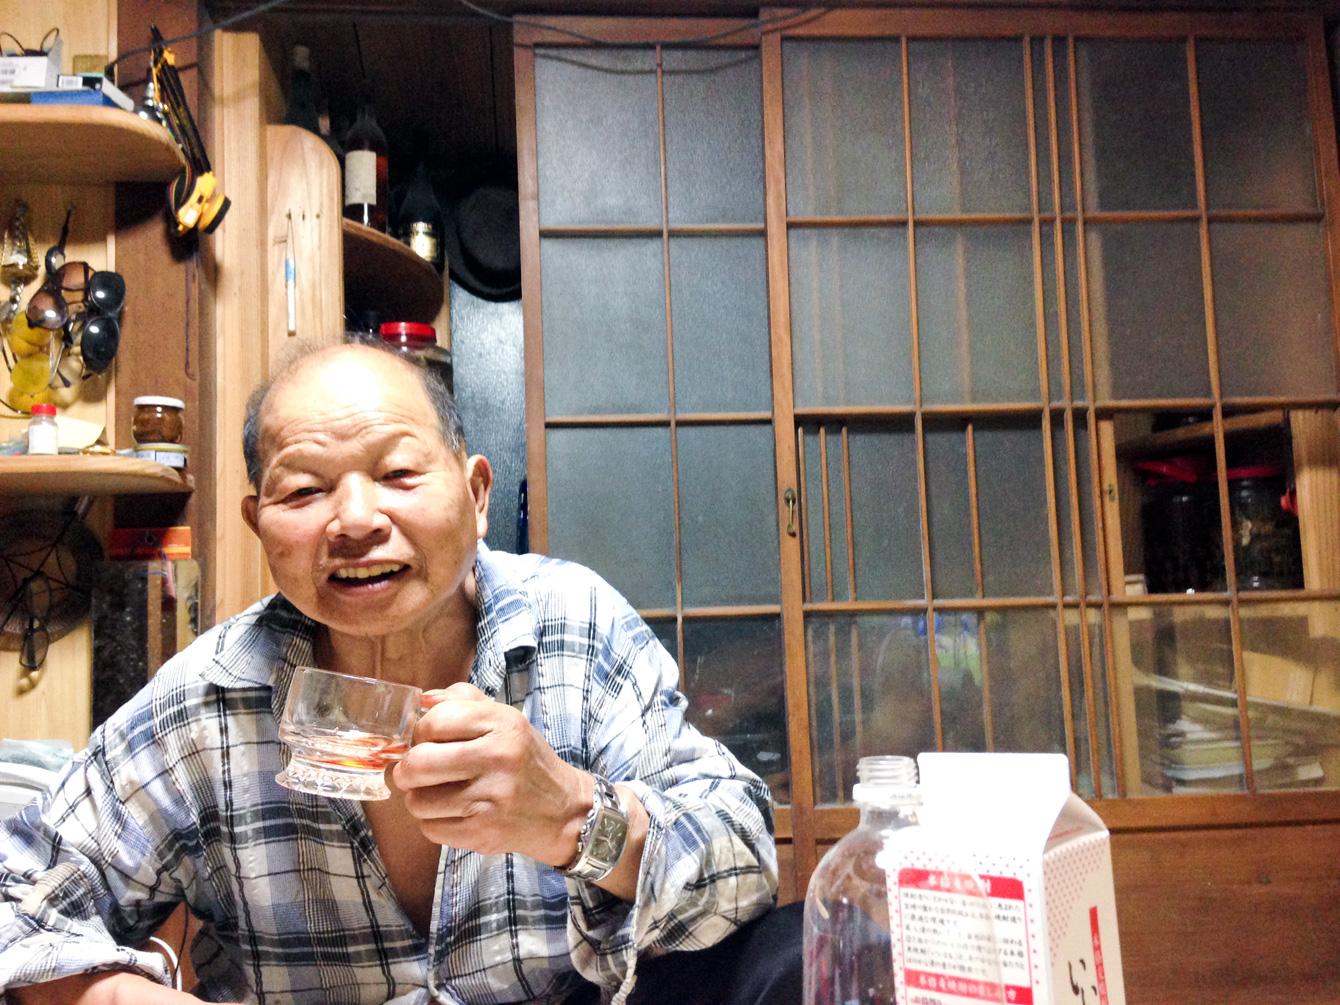 いつも飲むお酒は、焼酎のグレープソーダ割り。